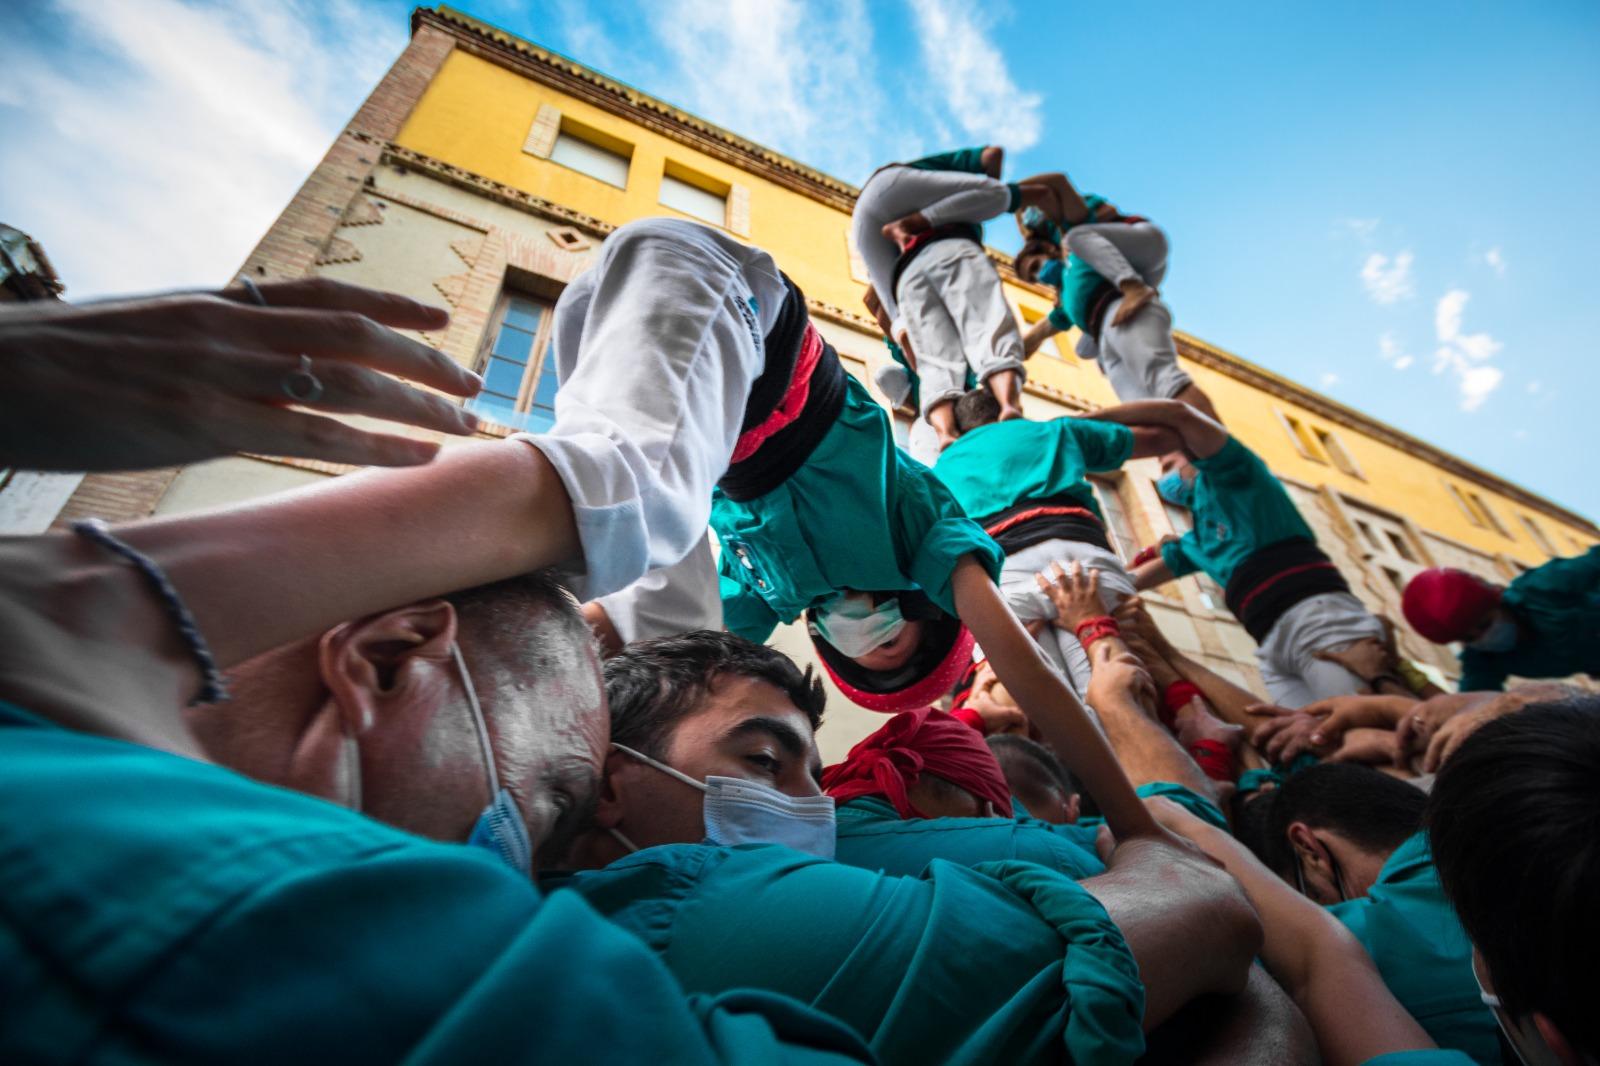 Fotos | La tornada a plaça dels Castellers de Vilafranca